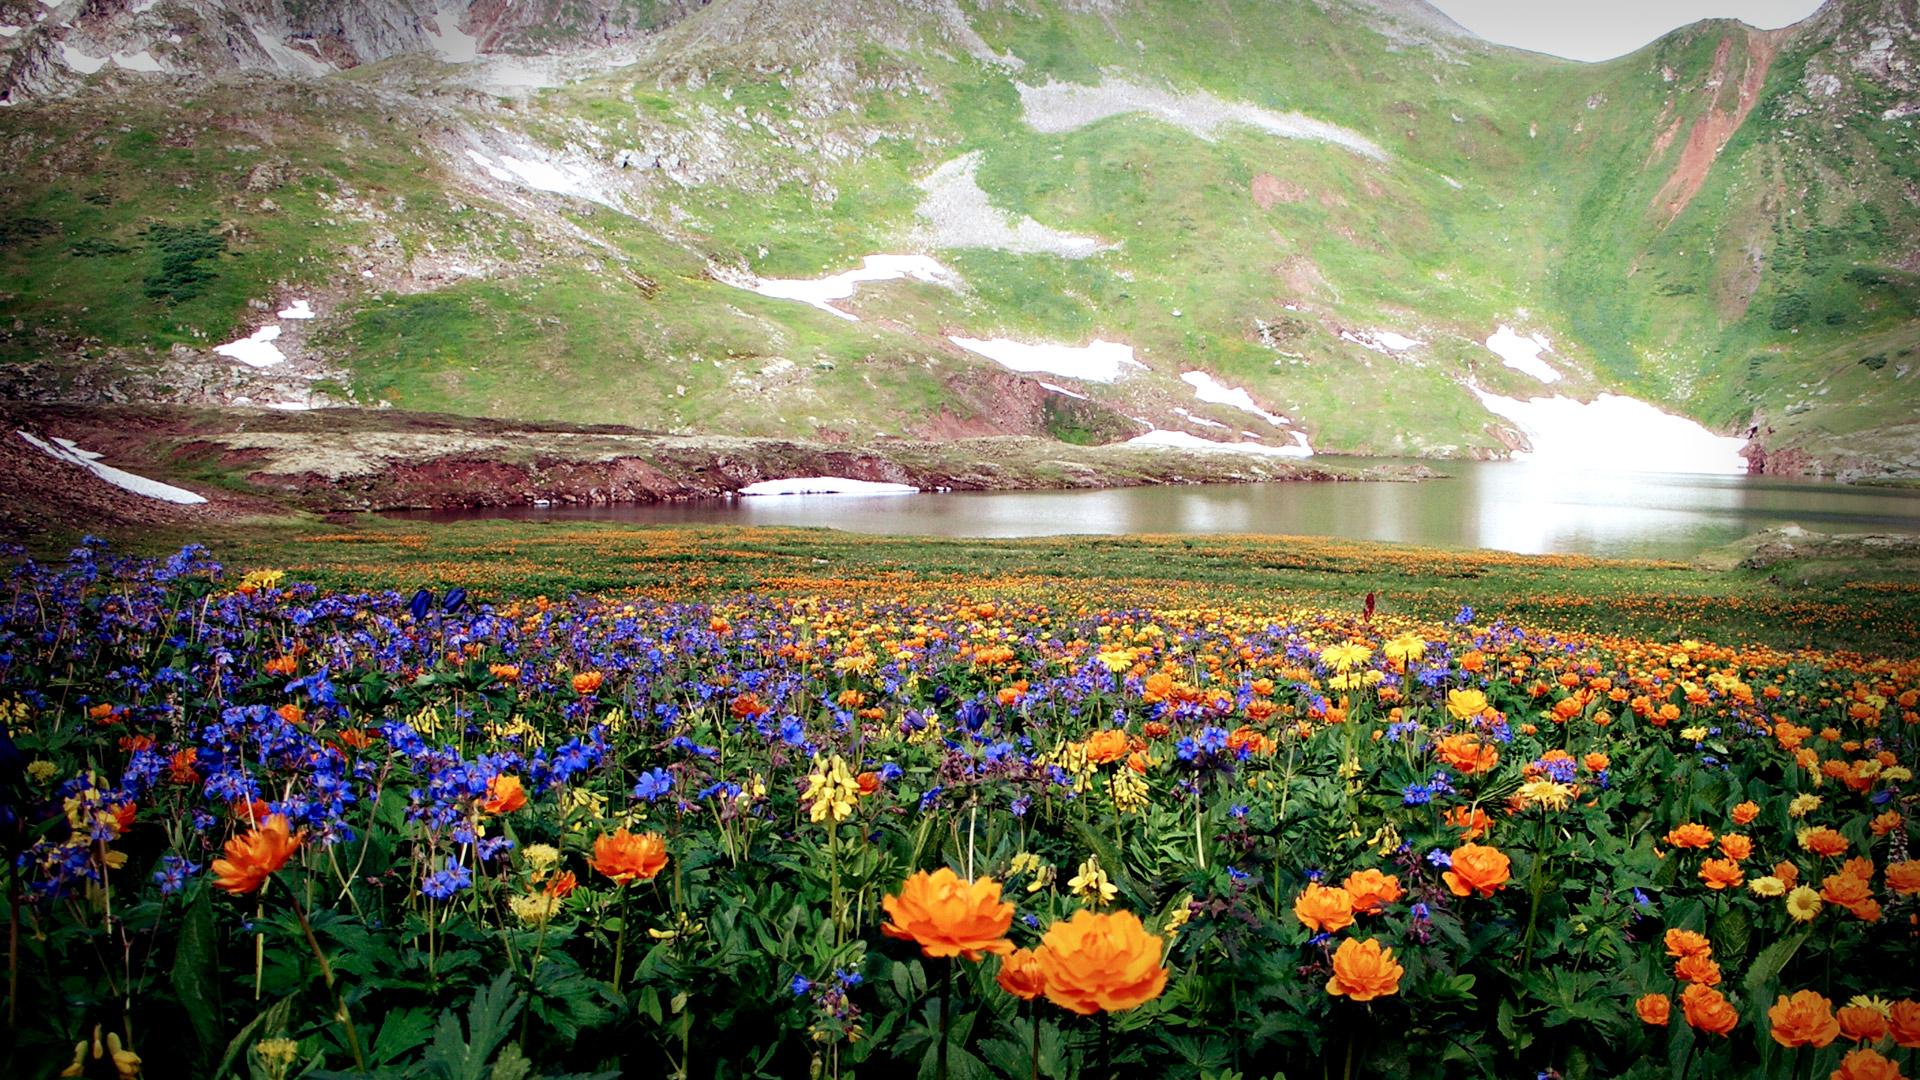 صور صور خلفيات جميله , خلفيات مناظر طبيعيه وازهار